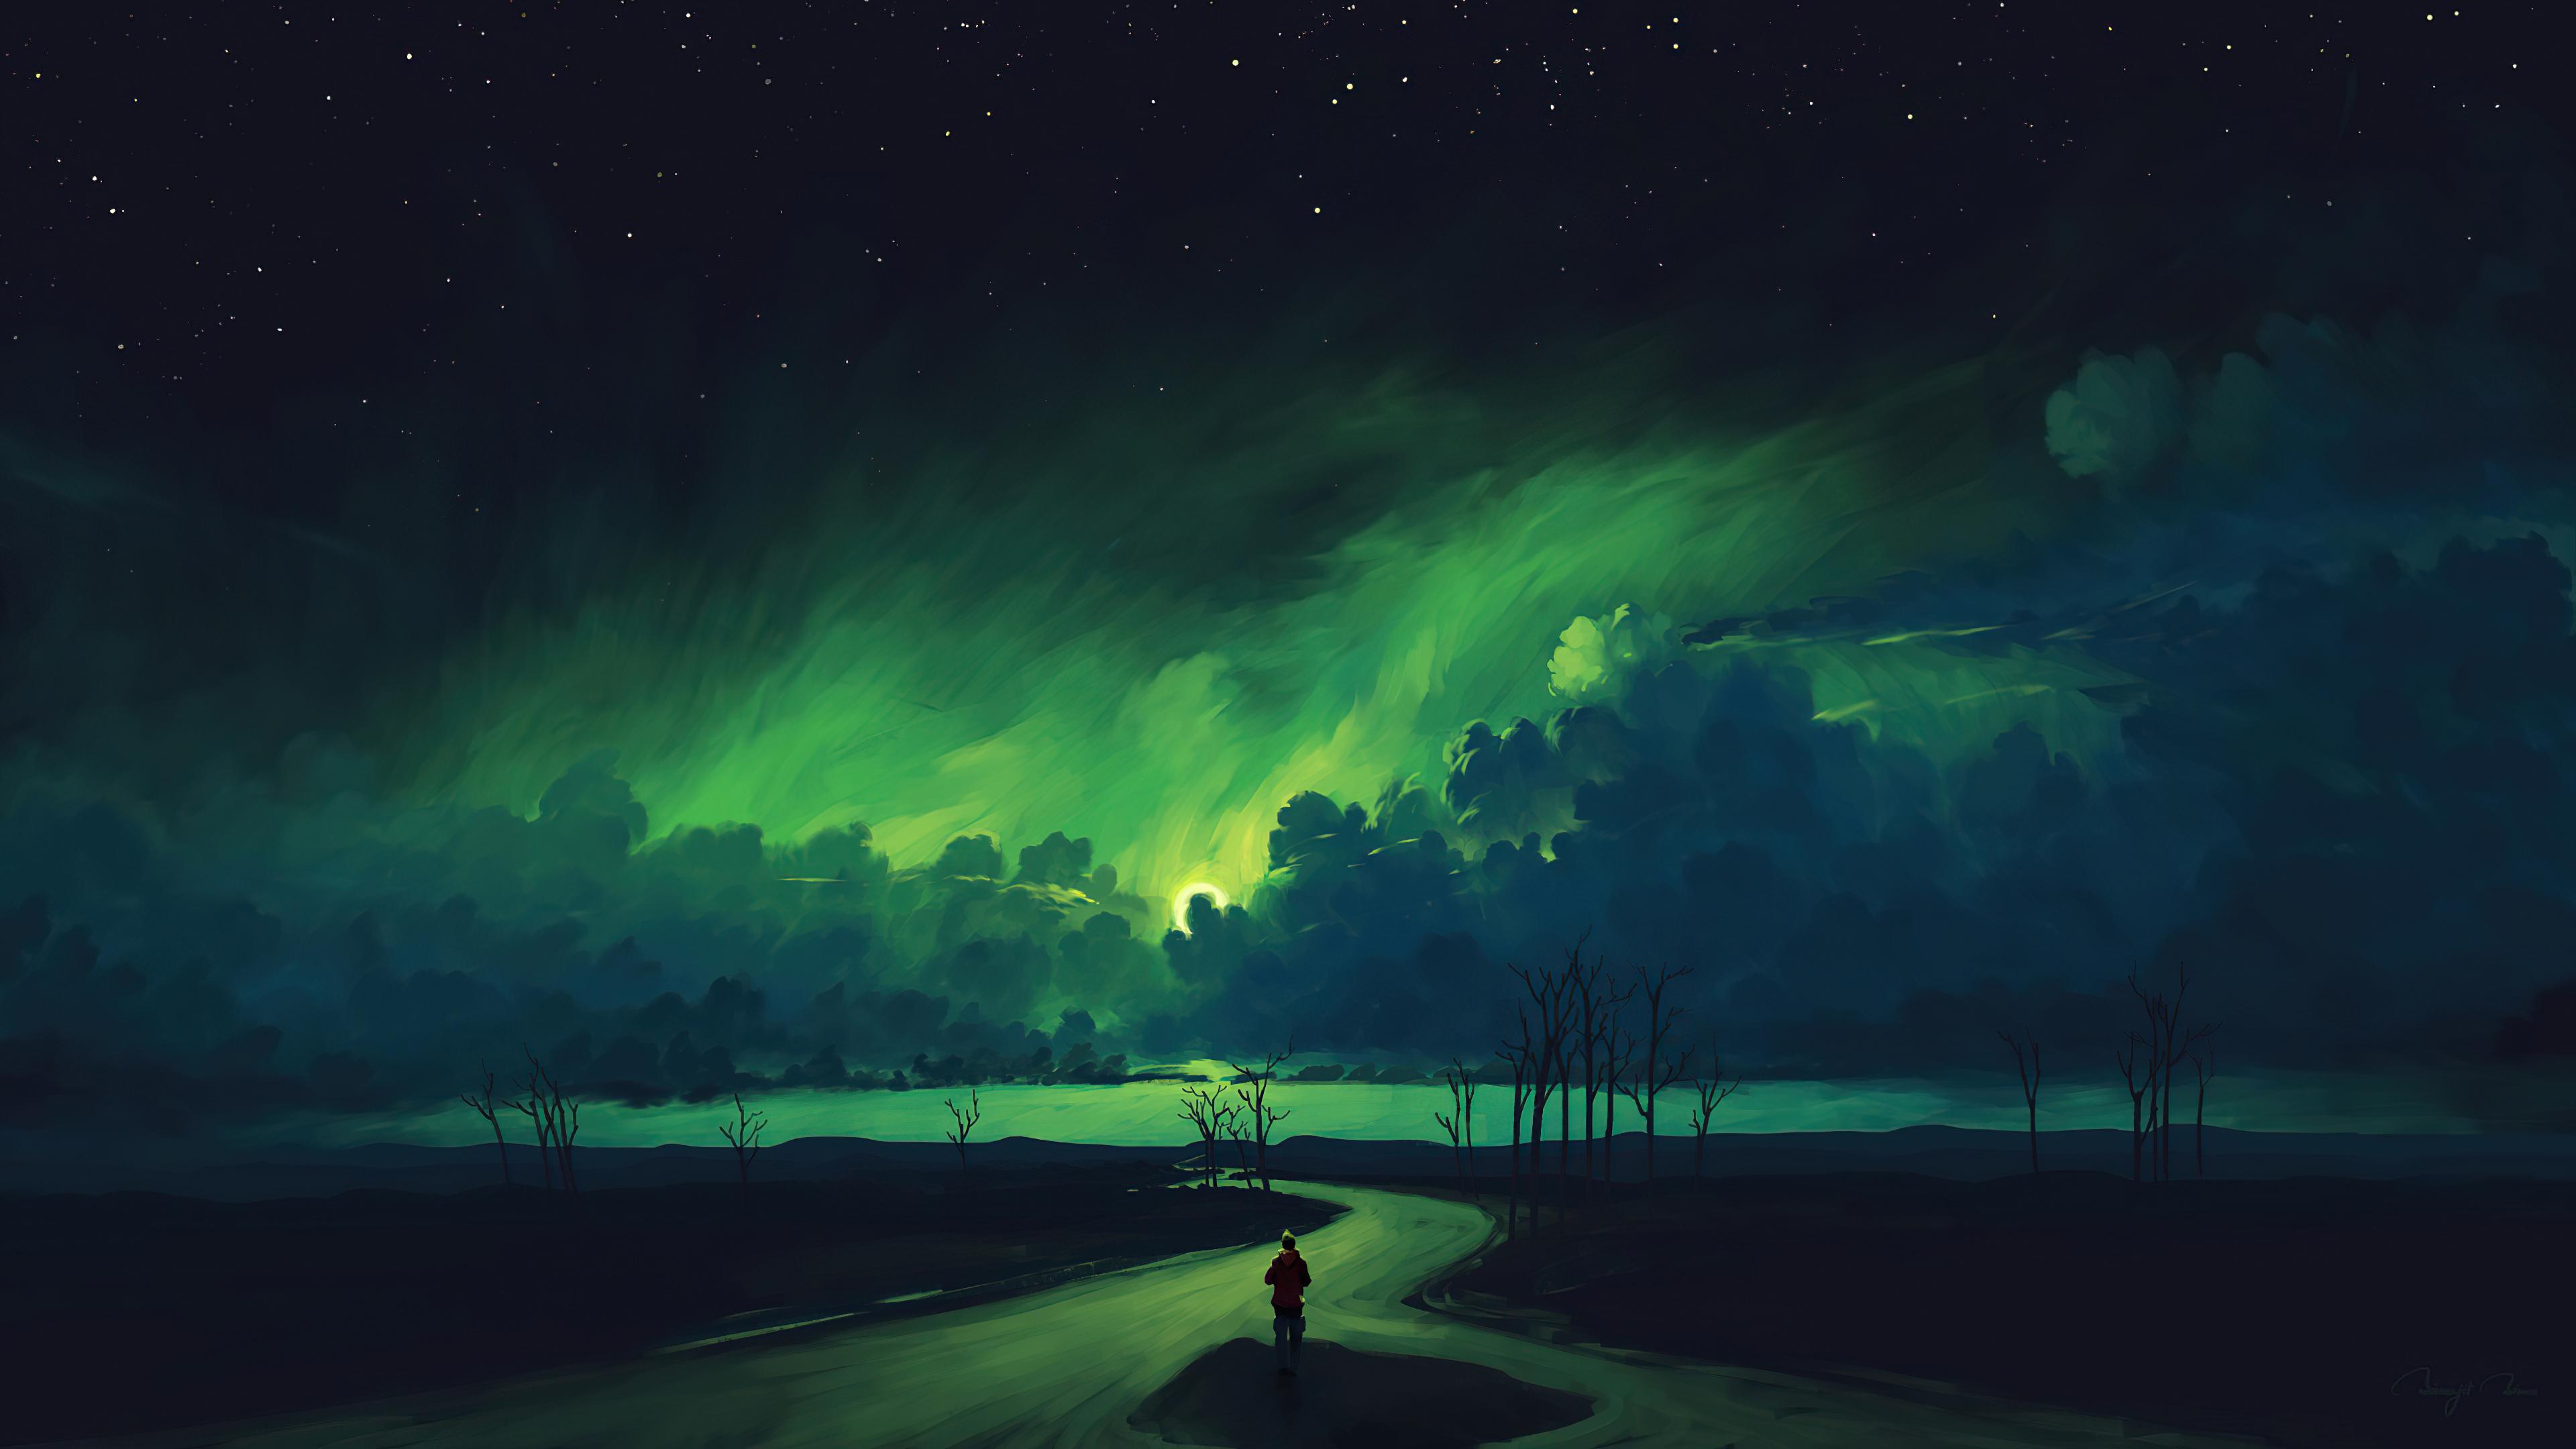 verdant moonlight 4k 1618131020 - Verdant Moonlight 4k - Verdant Moonlight 4k wallpapers